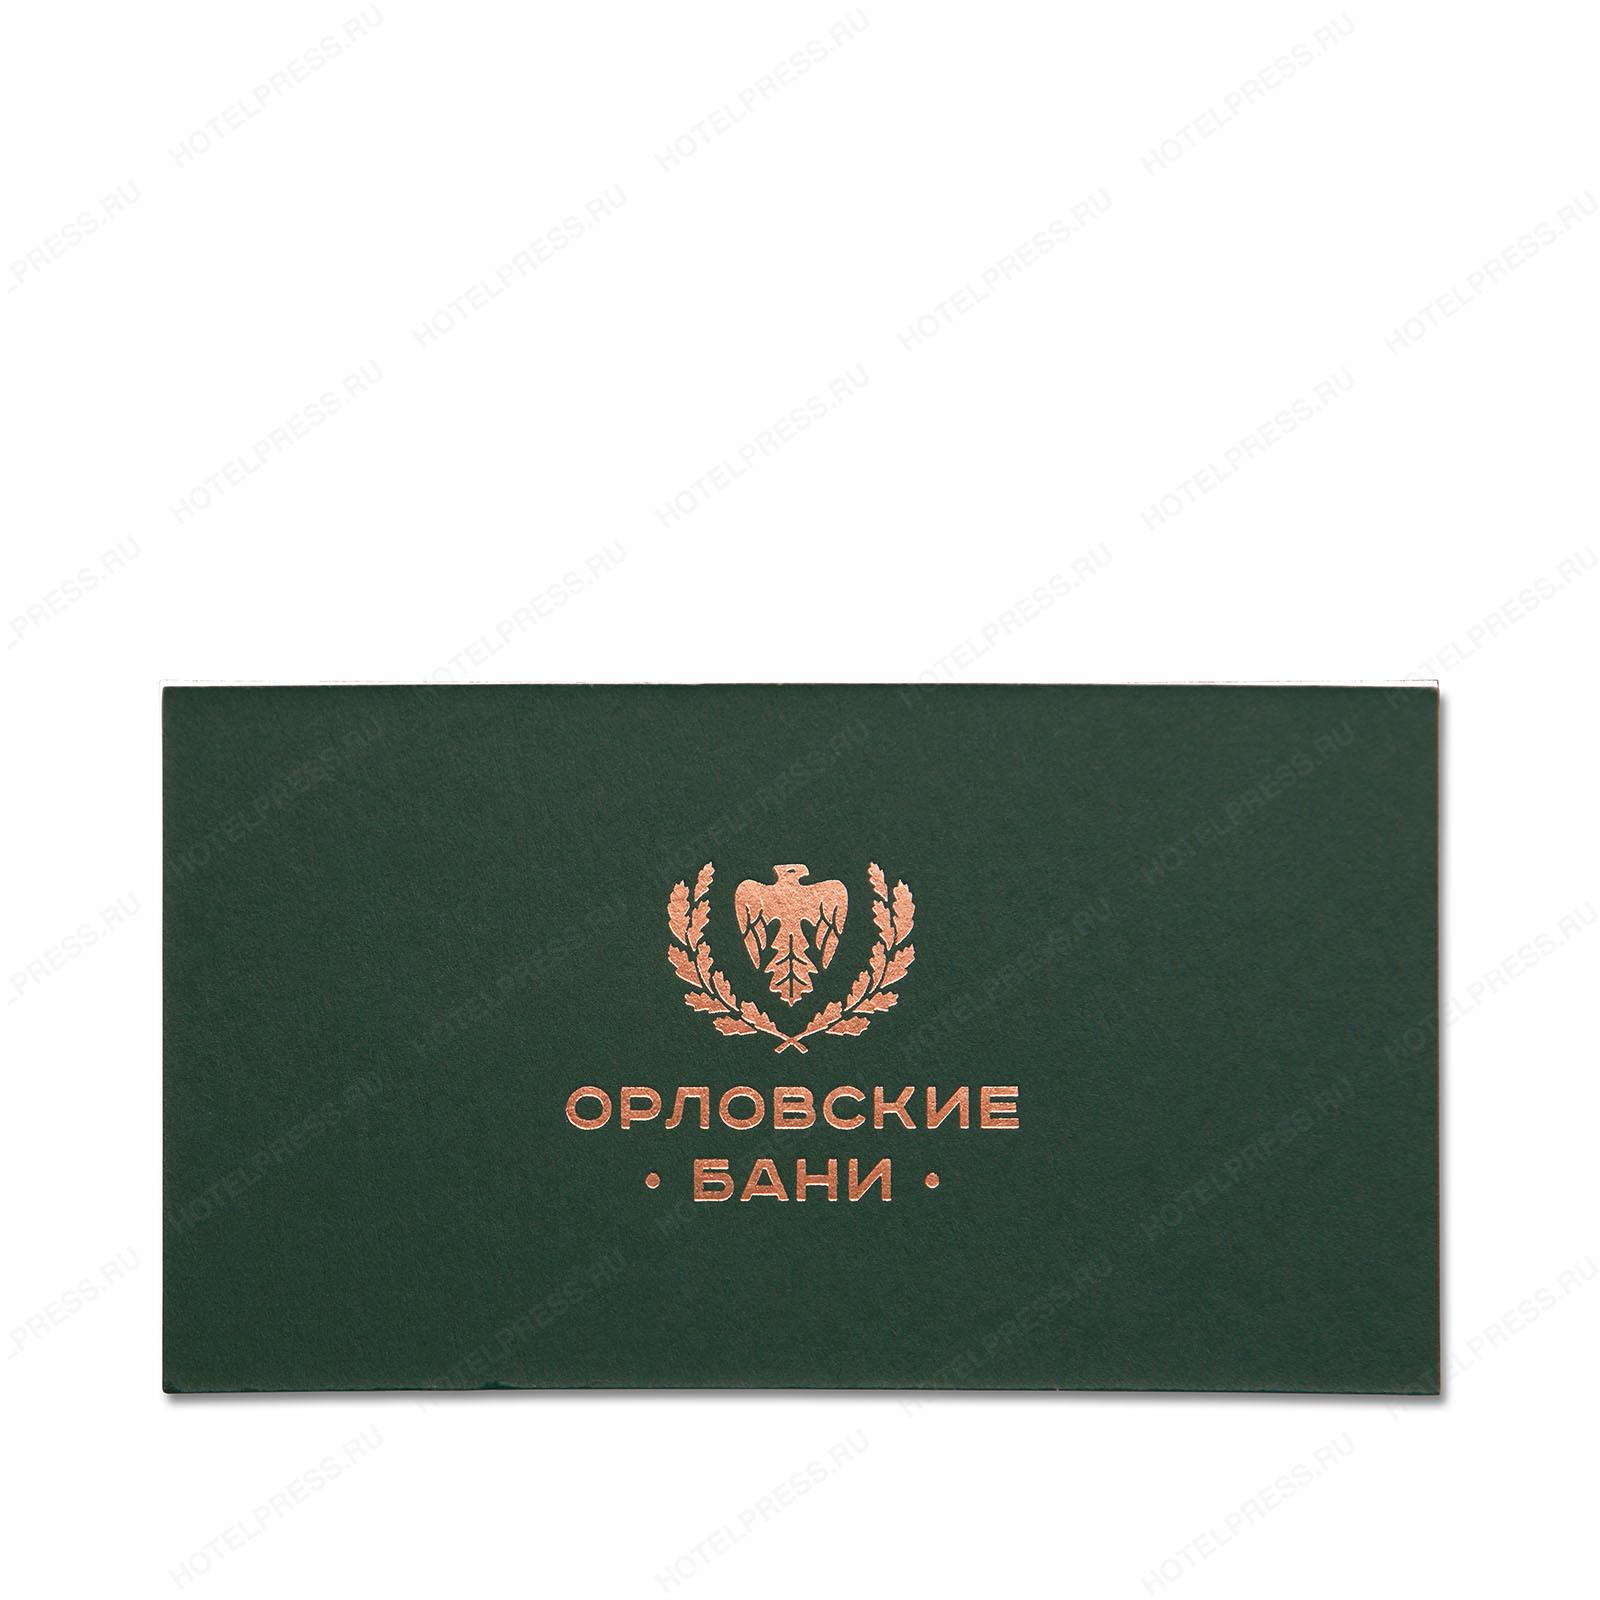 Визитки на дизайнерской бумаге с тиснение логотипа Орловские бани